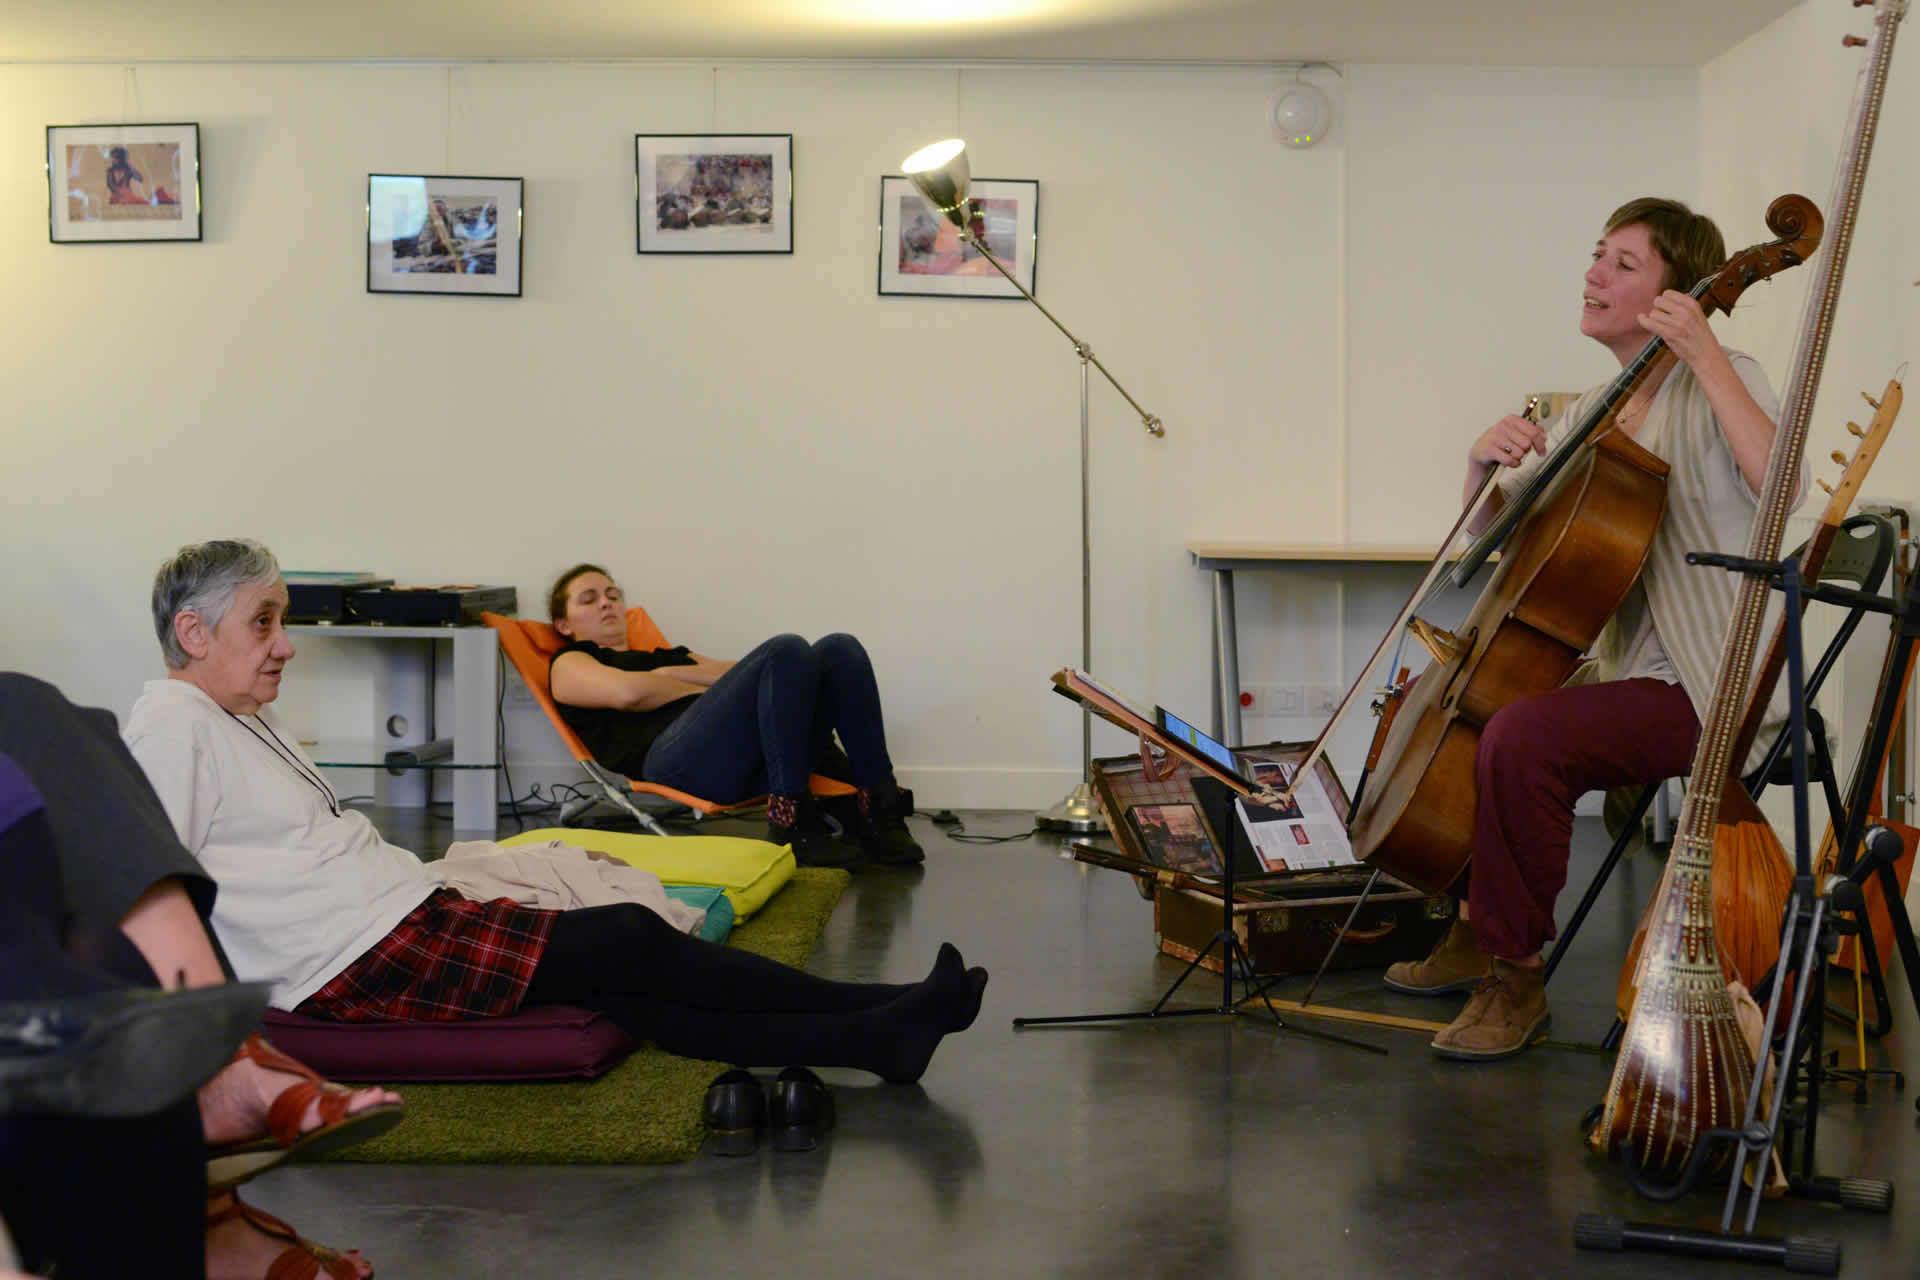 Les Rencontres de la Cabane « La harpe, par Emmanuel Lahoz »